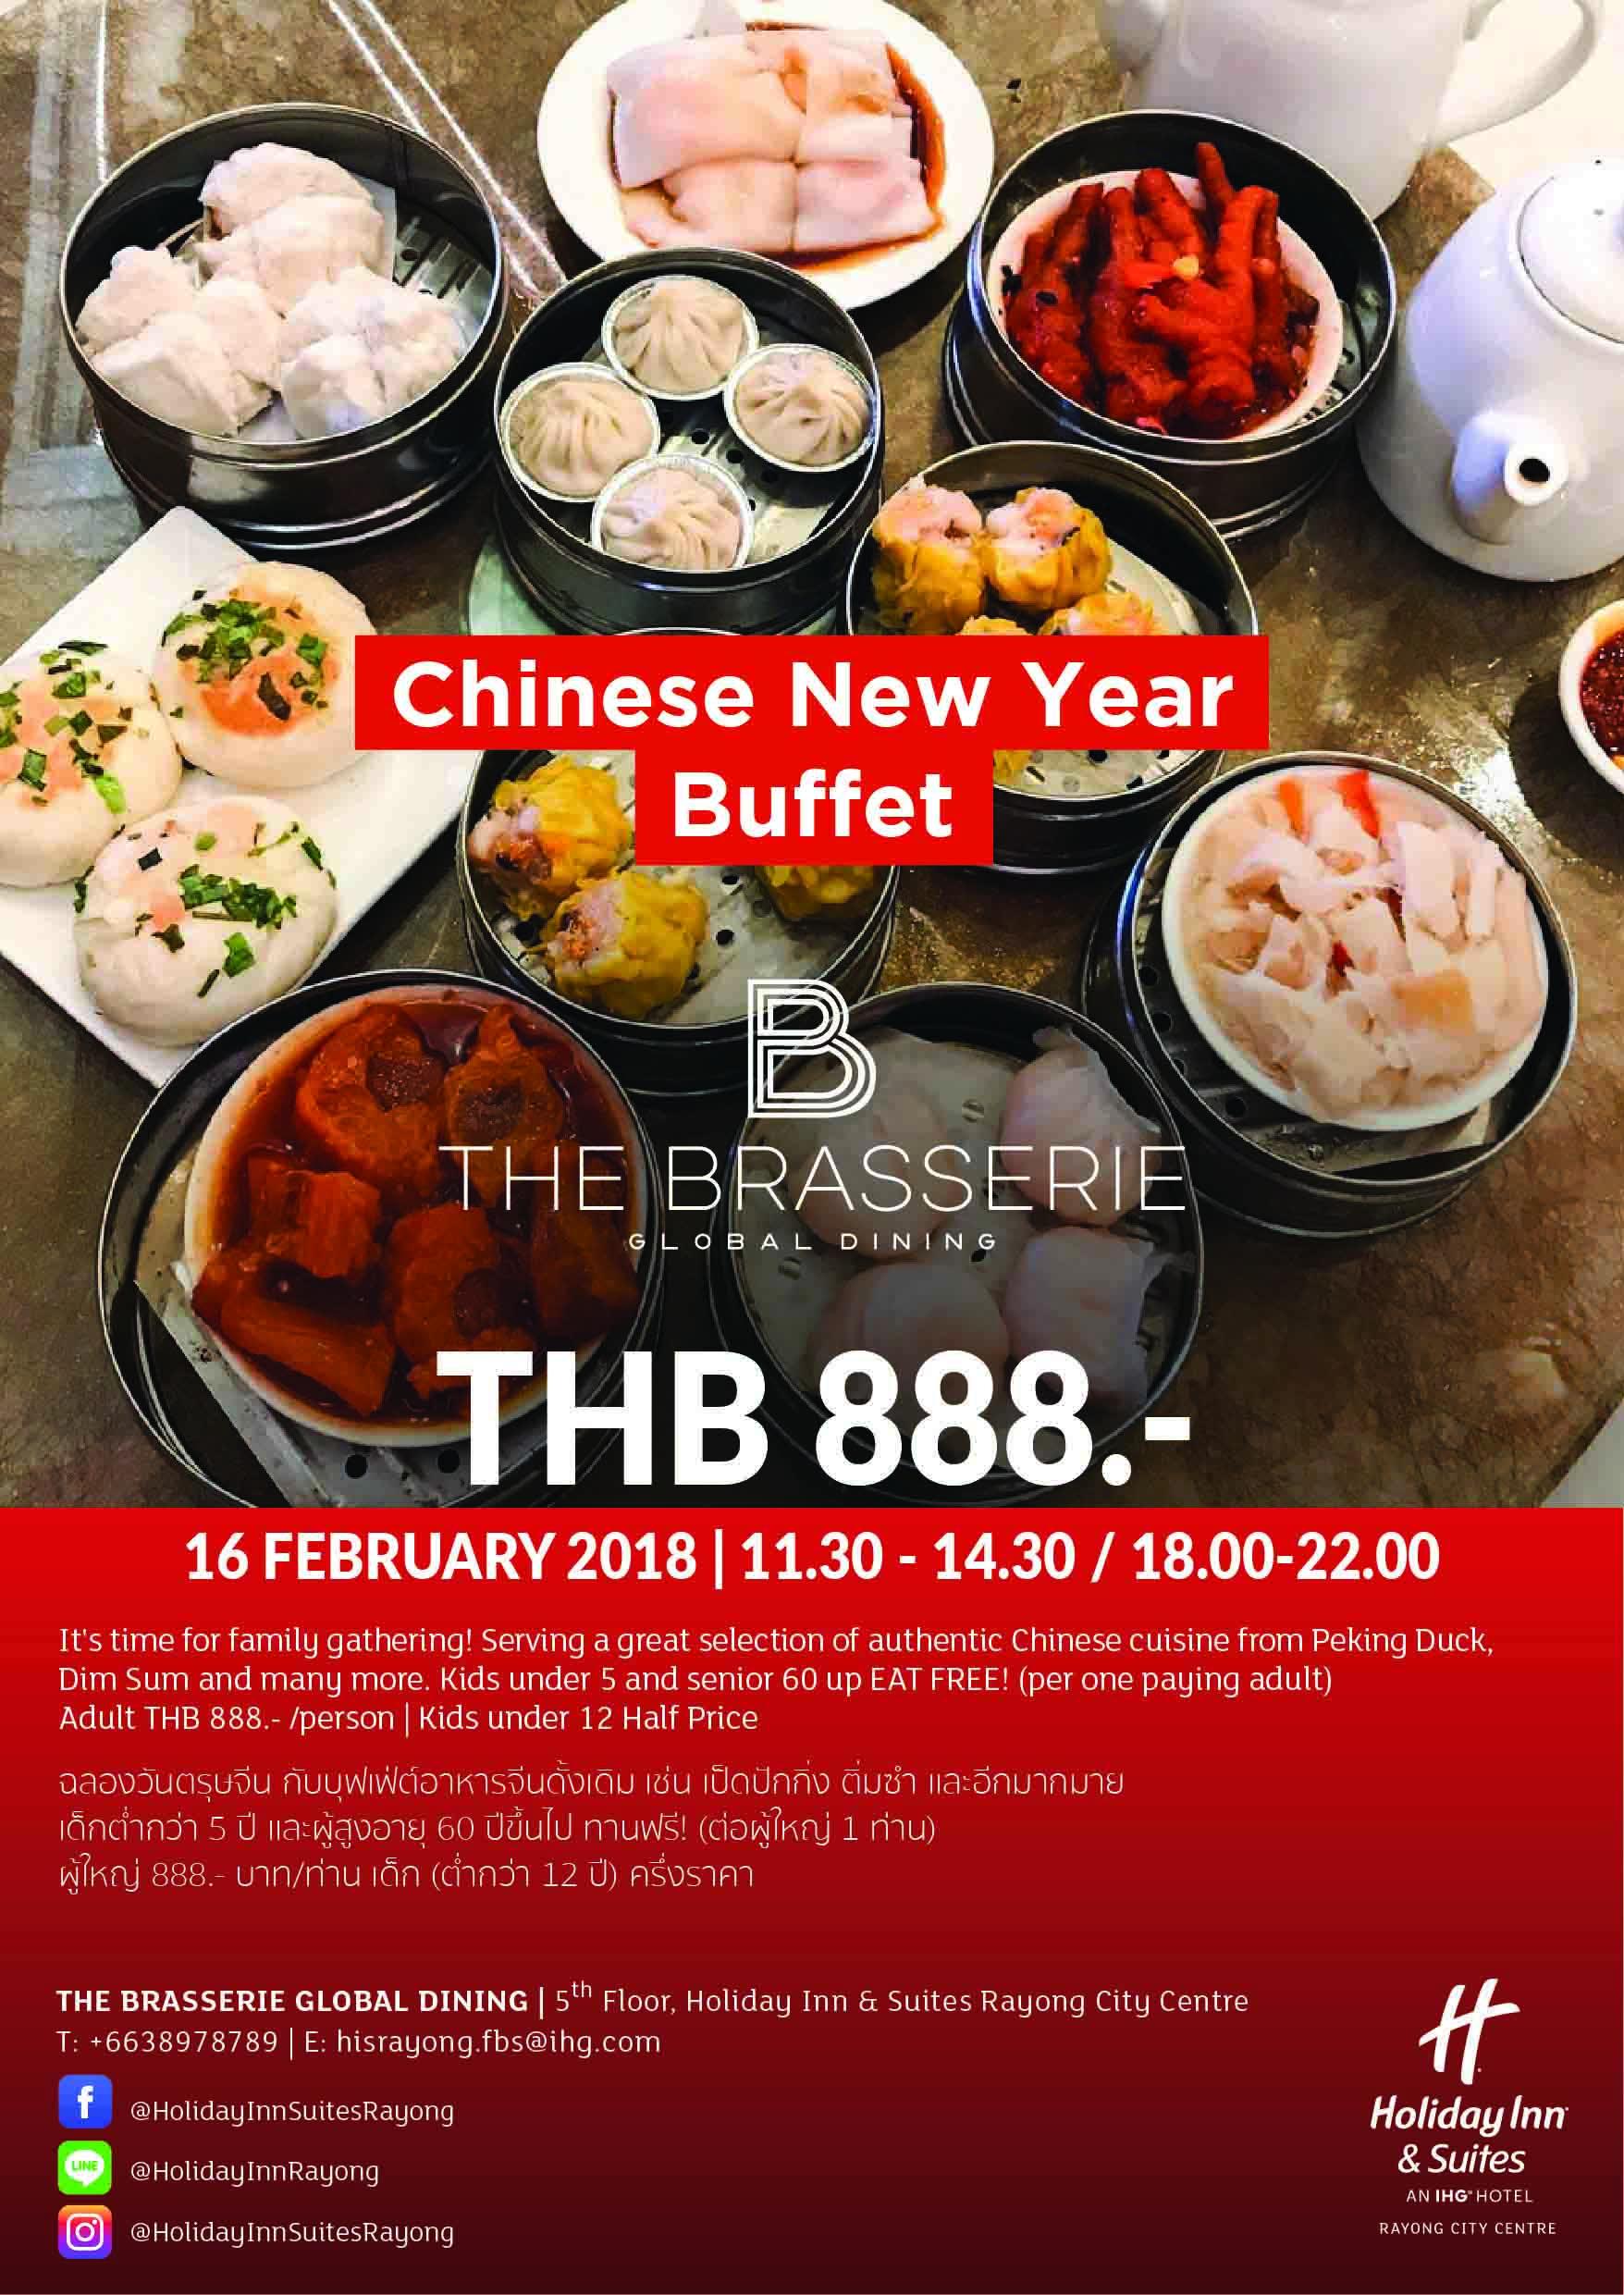 บุฟเฟ่ต์อาหารจีนดั้งเดิม 16 ก.พ. 61 ที่ The Brasserie @ Holiday Inn & Suites Rayong 13 -